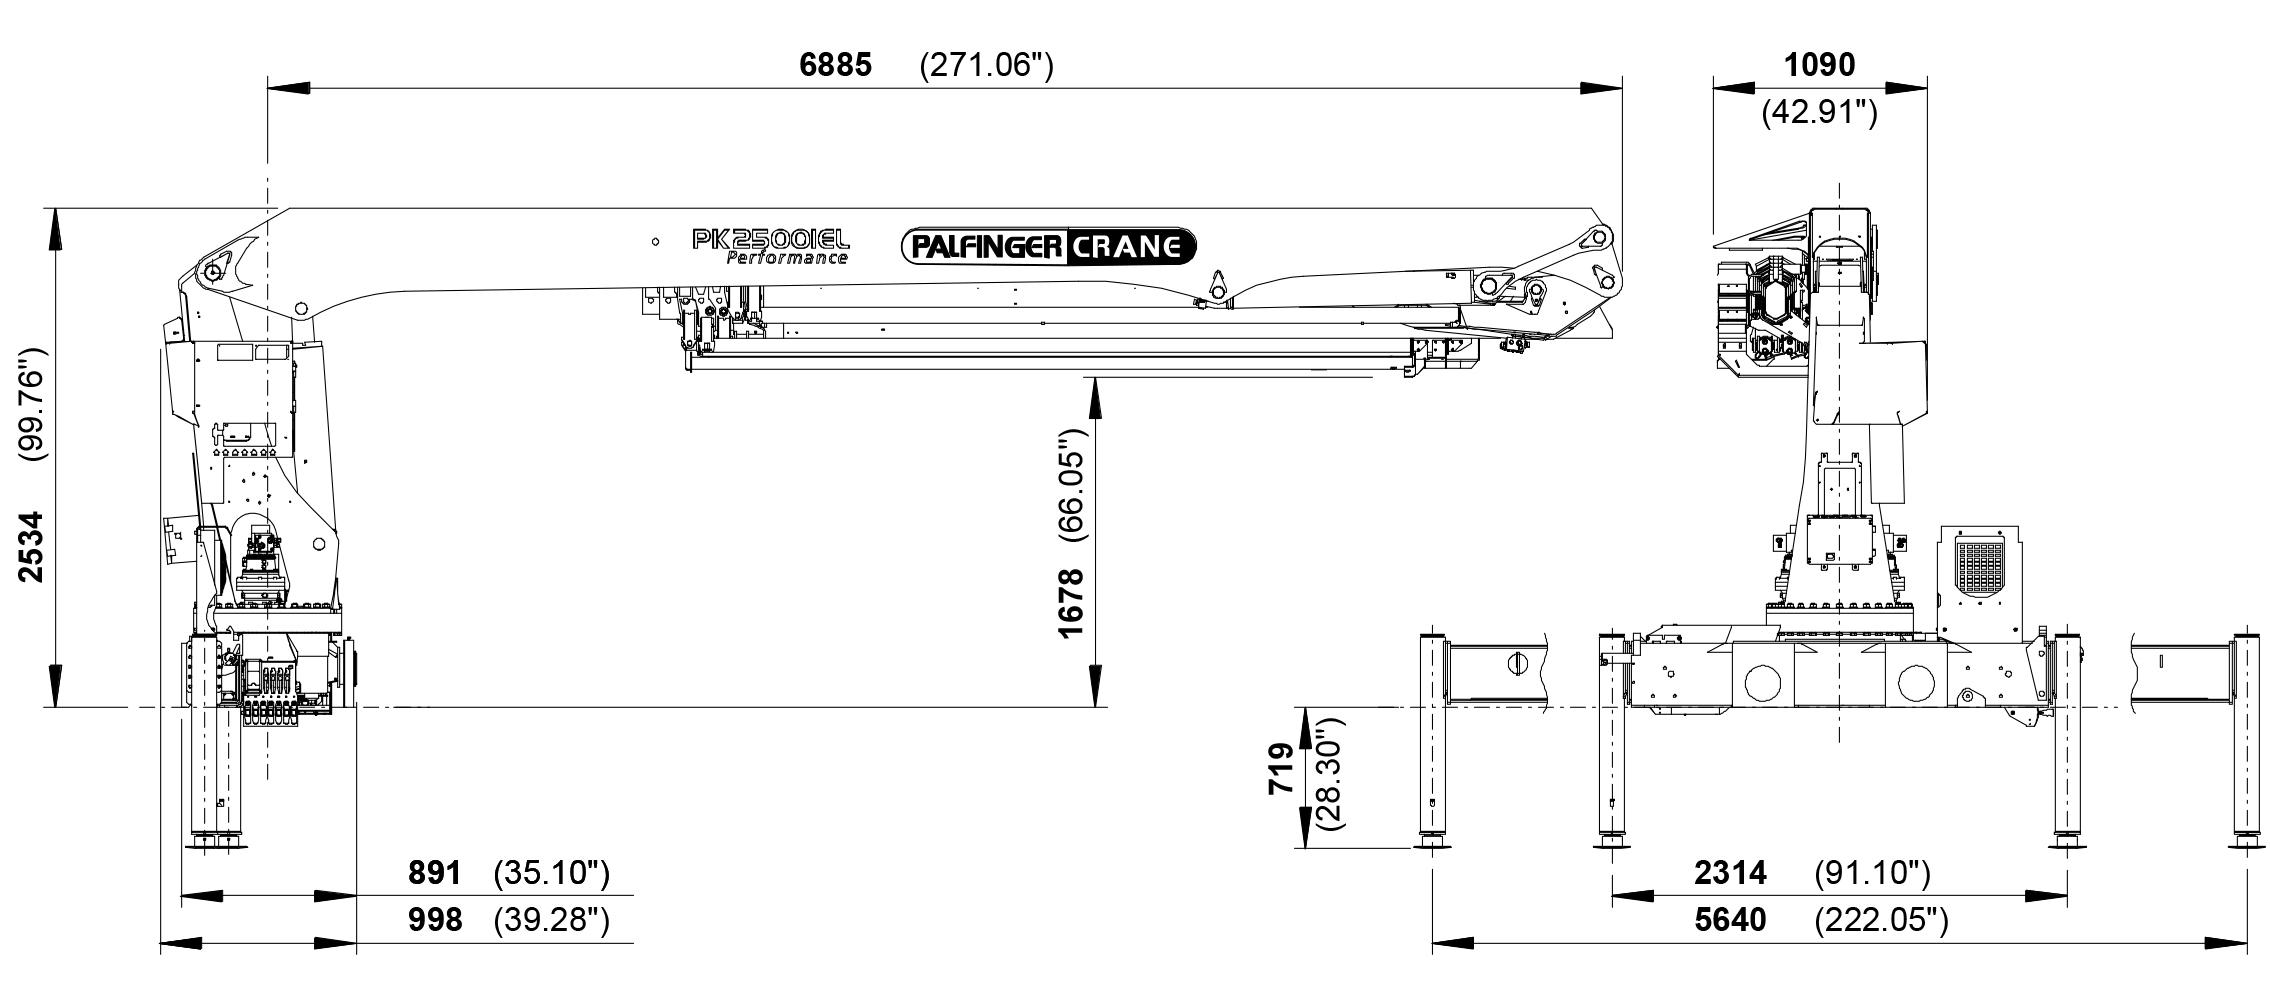 Pk 25001 El Performance